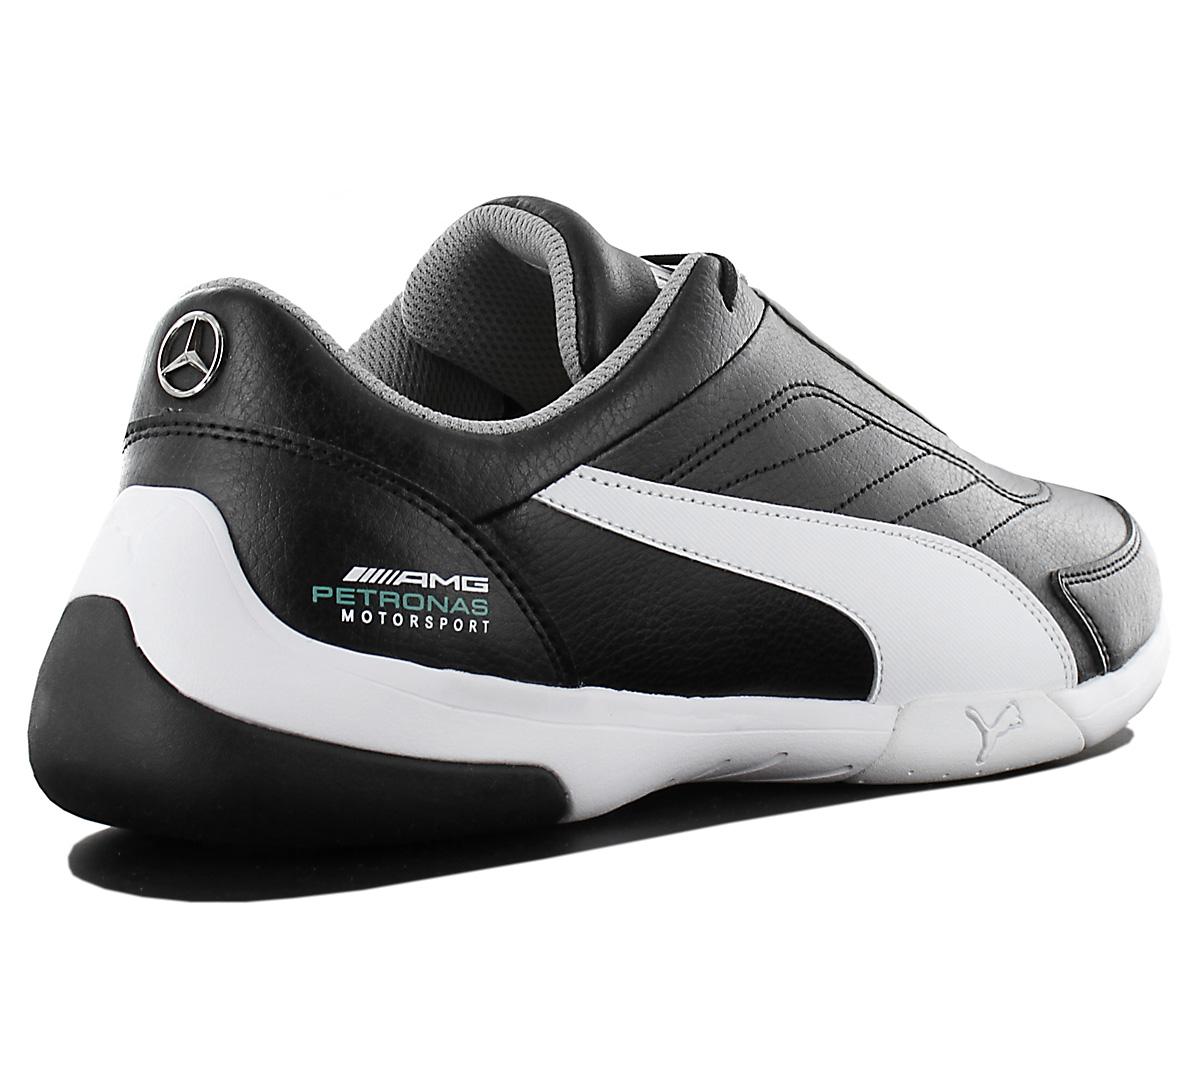 32c295cc5c5af5 NEW Puma MERCEDES AMG PETRONAS Kart Cat III 306244-02 Men  s Shoes ...